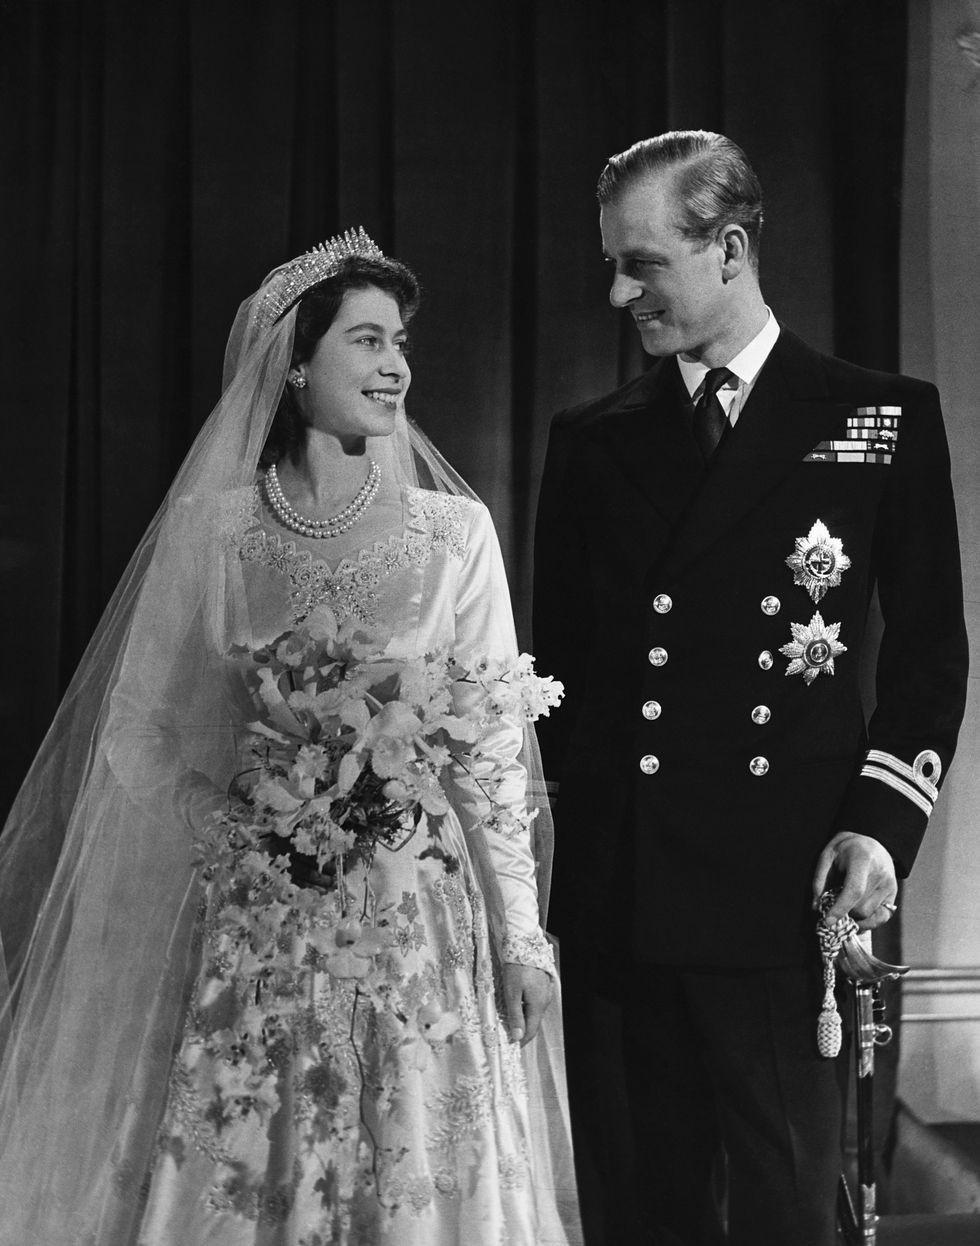 Những đám cưới đẹp như cổ tích trong lịch sử 100 năm hoàng gia Anh - Ảnh 9.